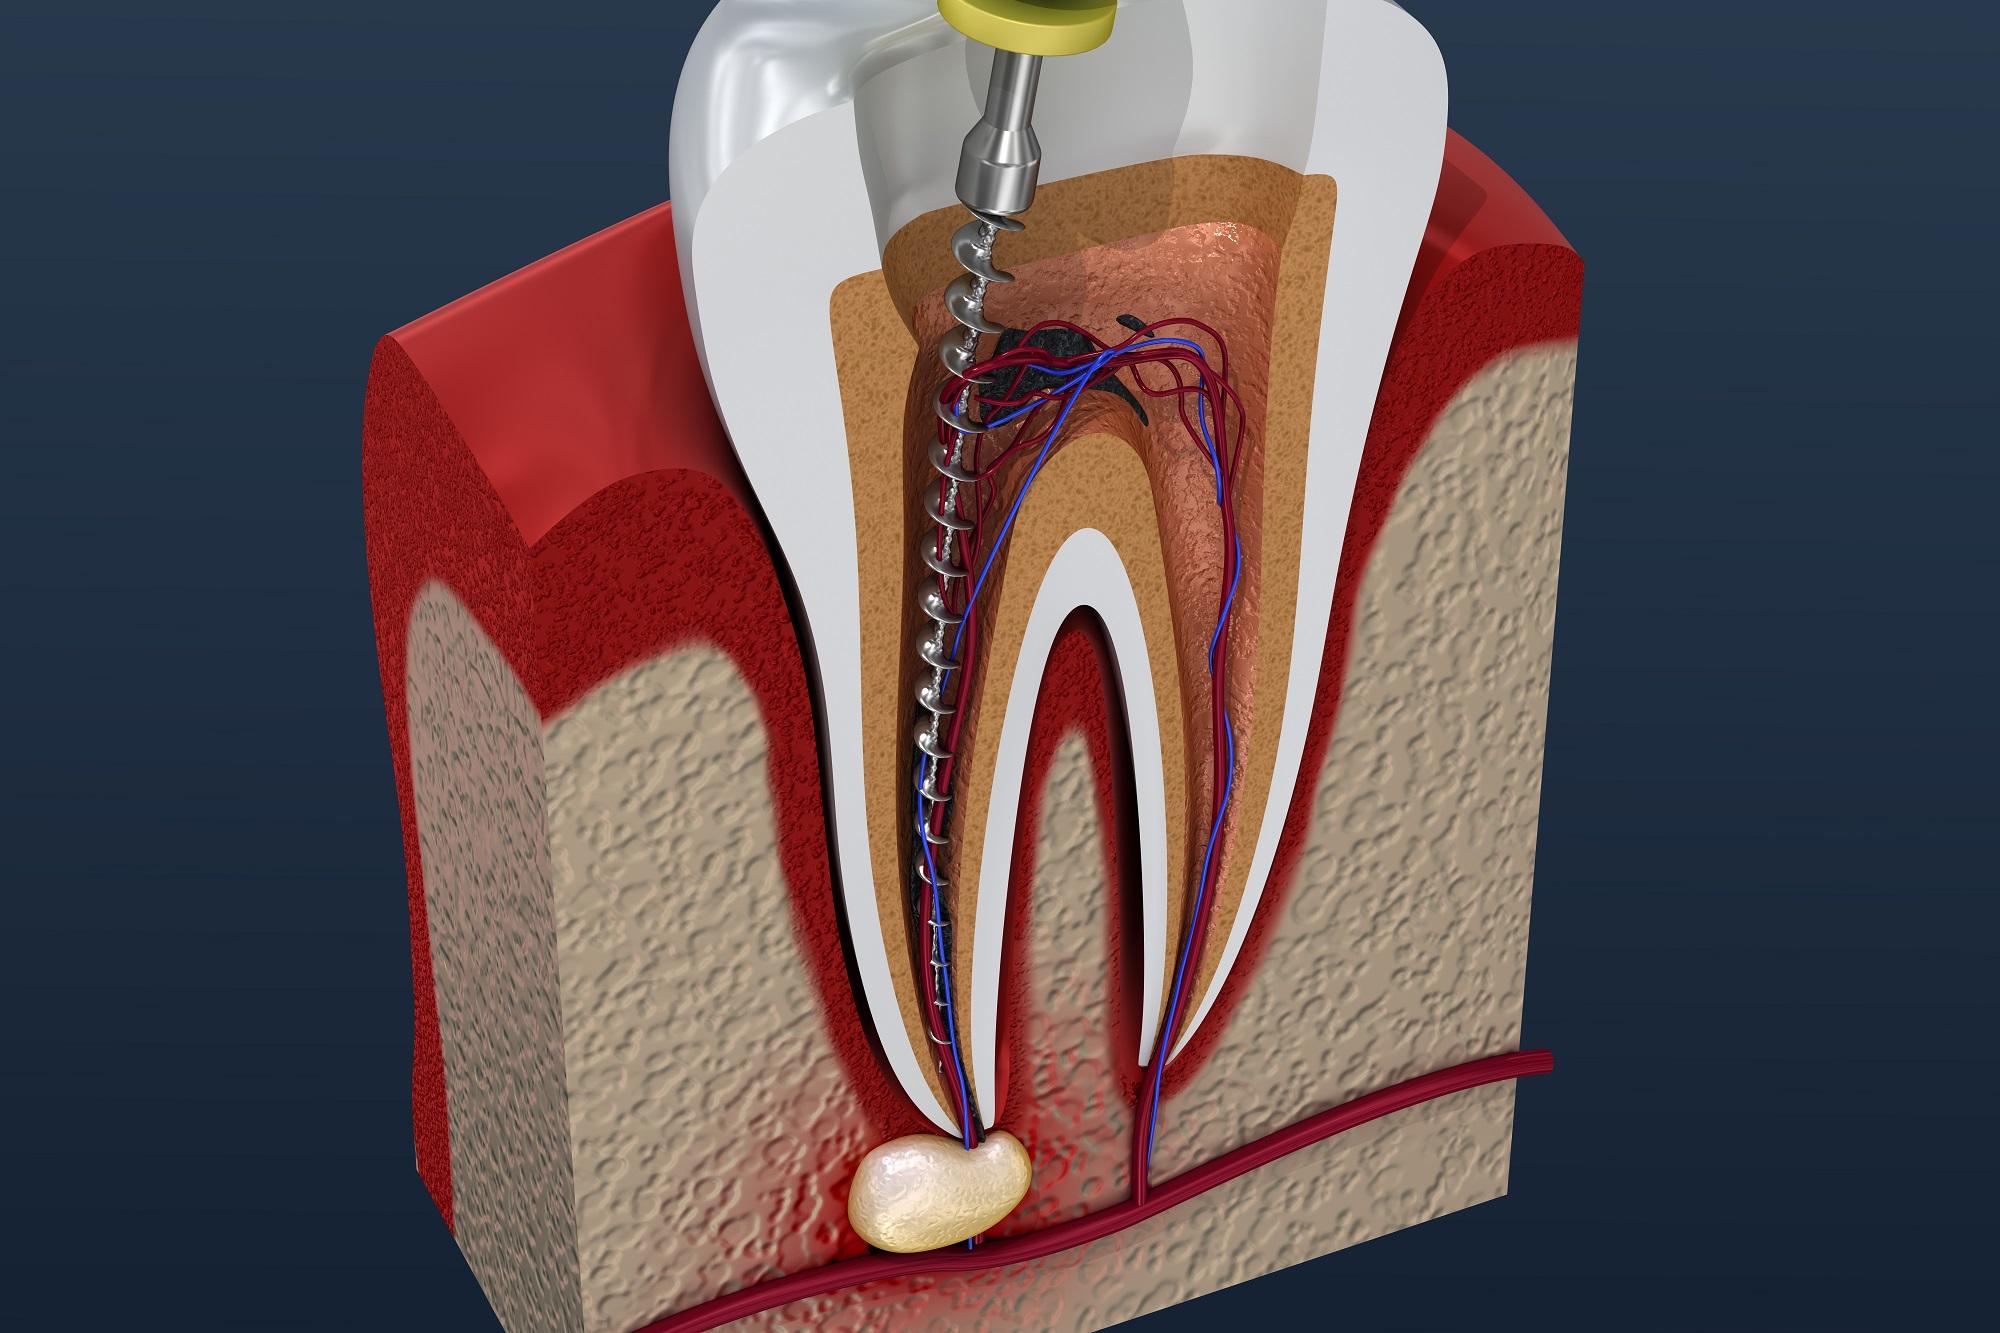 Пломбировочные материалы для корневых каналов